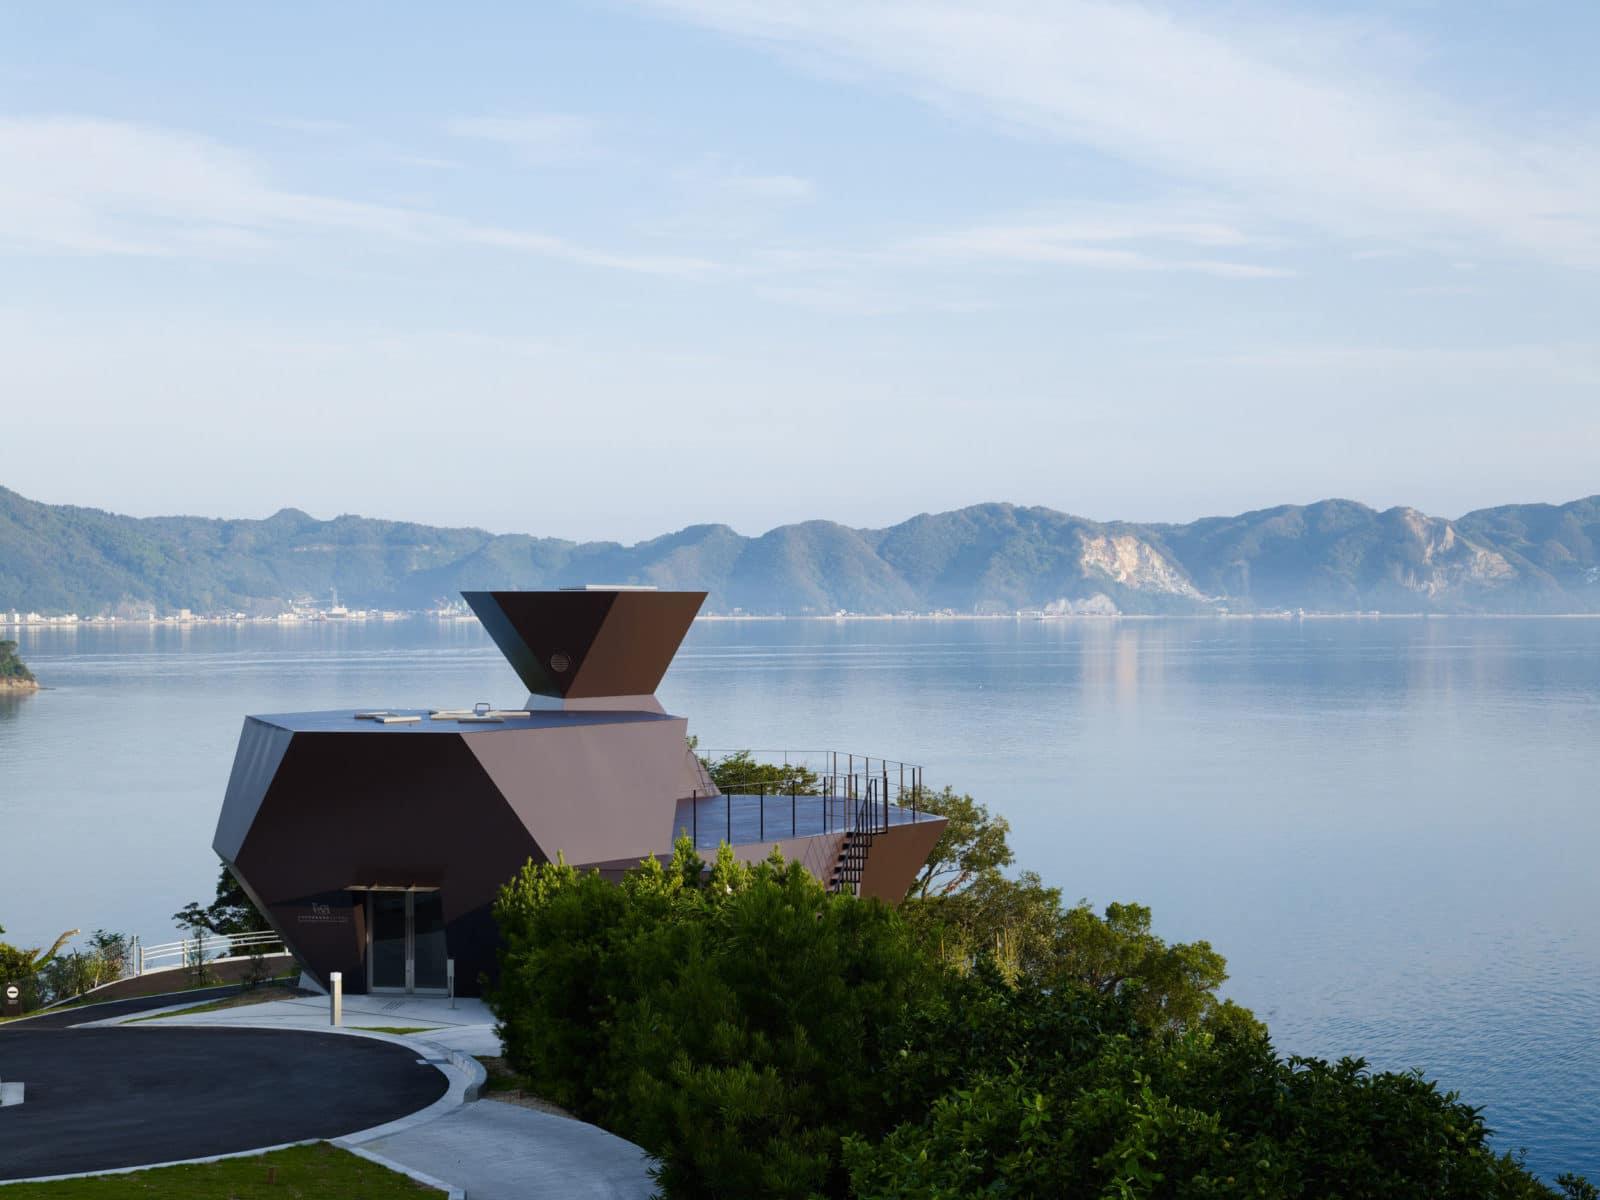 Musée d'architecture - 2011 ©  Daici Ano